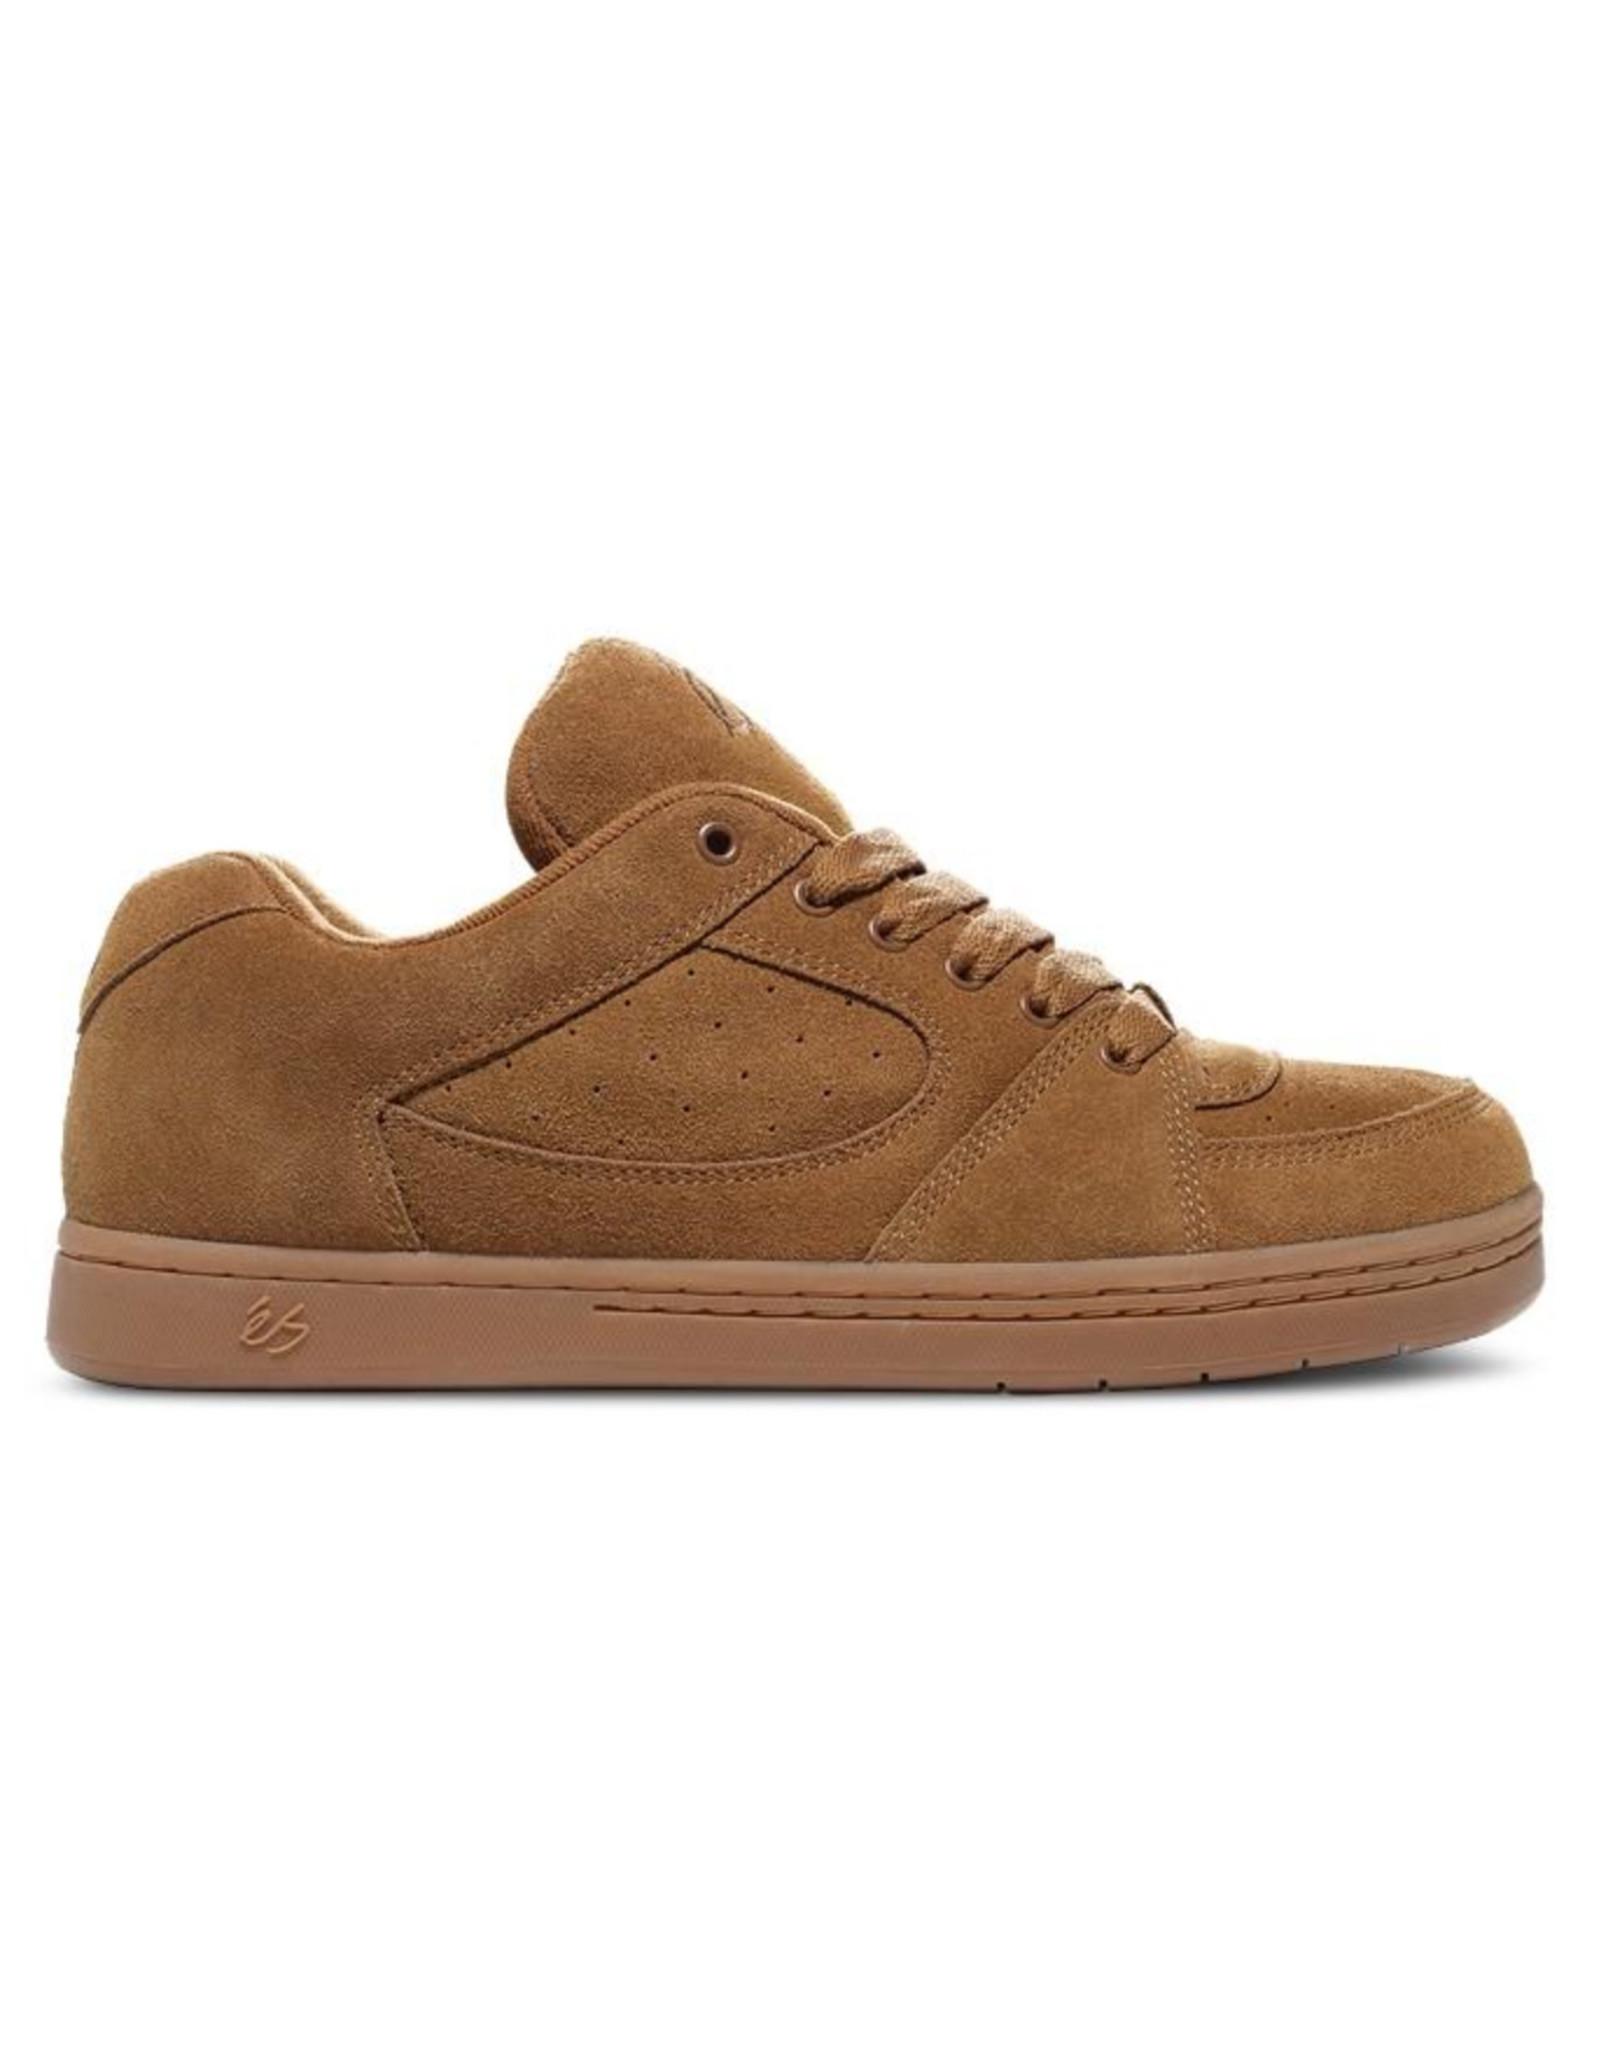 es footwear Accel OG